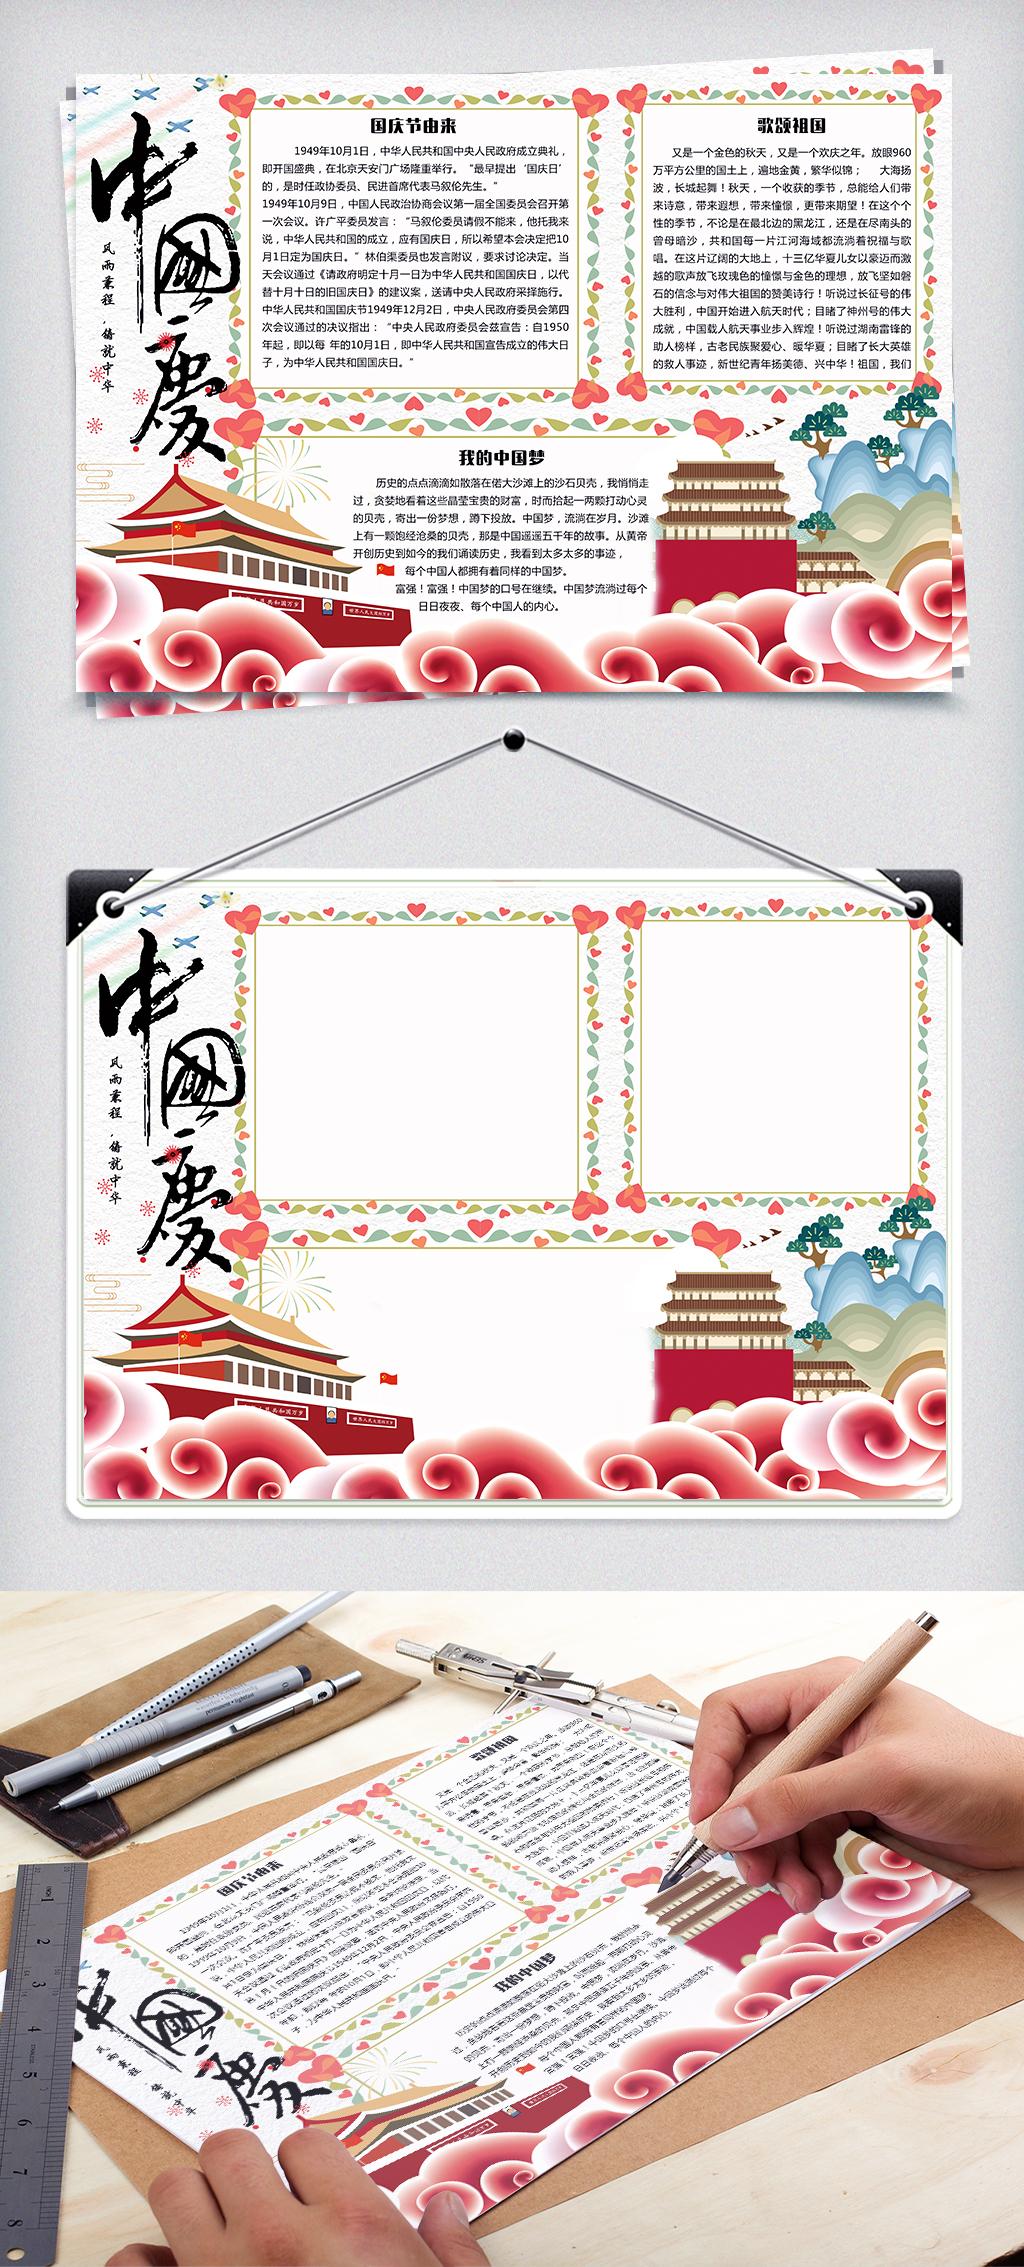 简约手绘中国风十一国庆节日小报手抄报电子模板